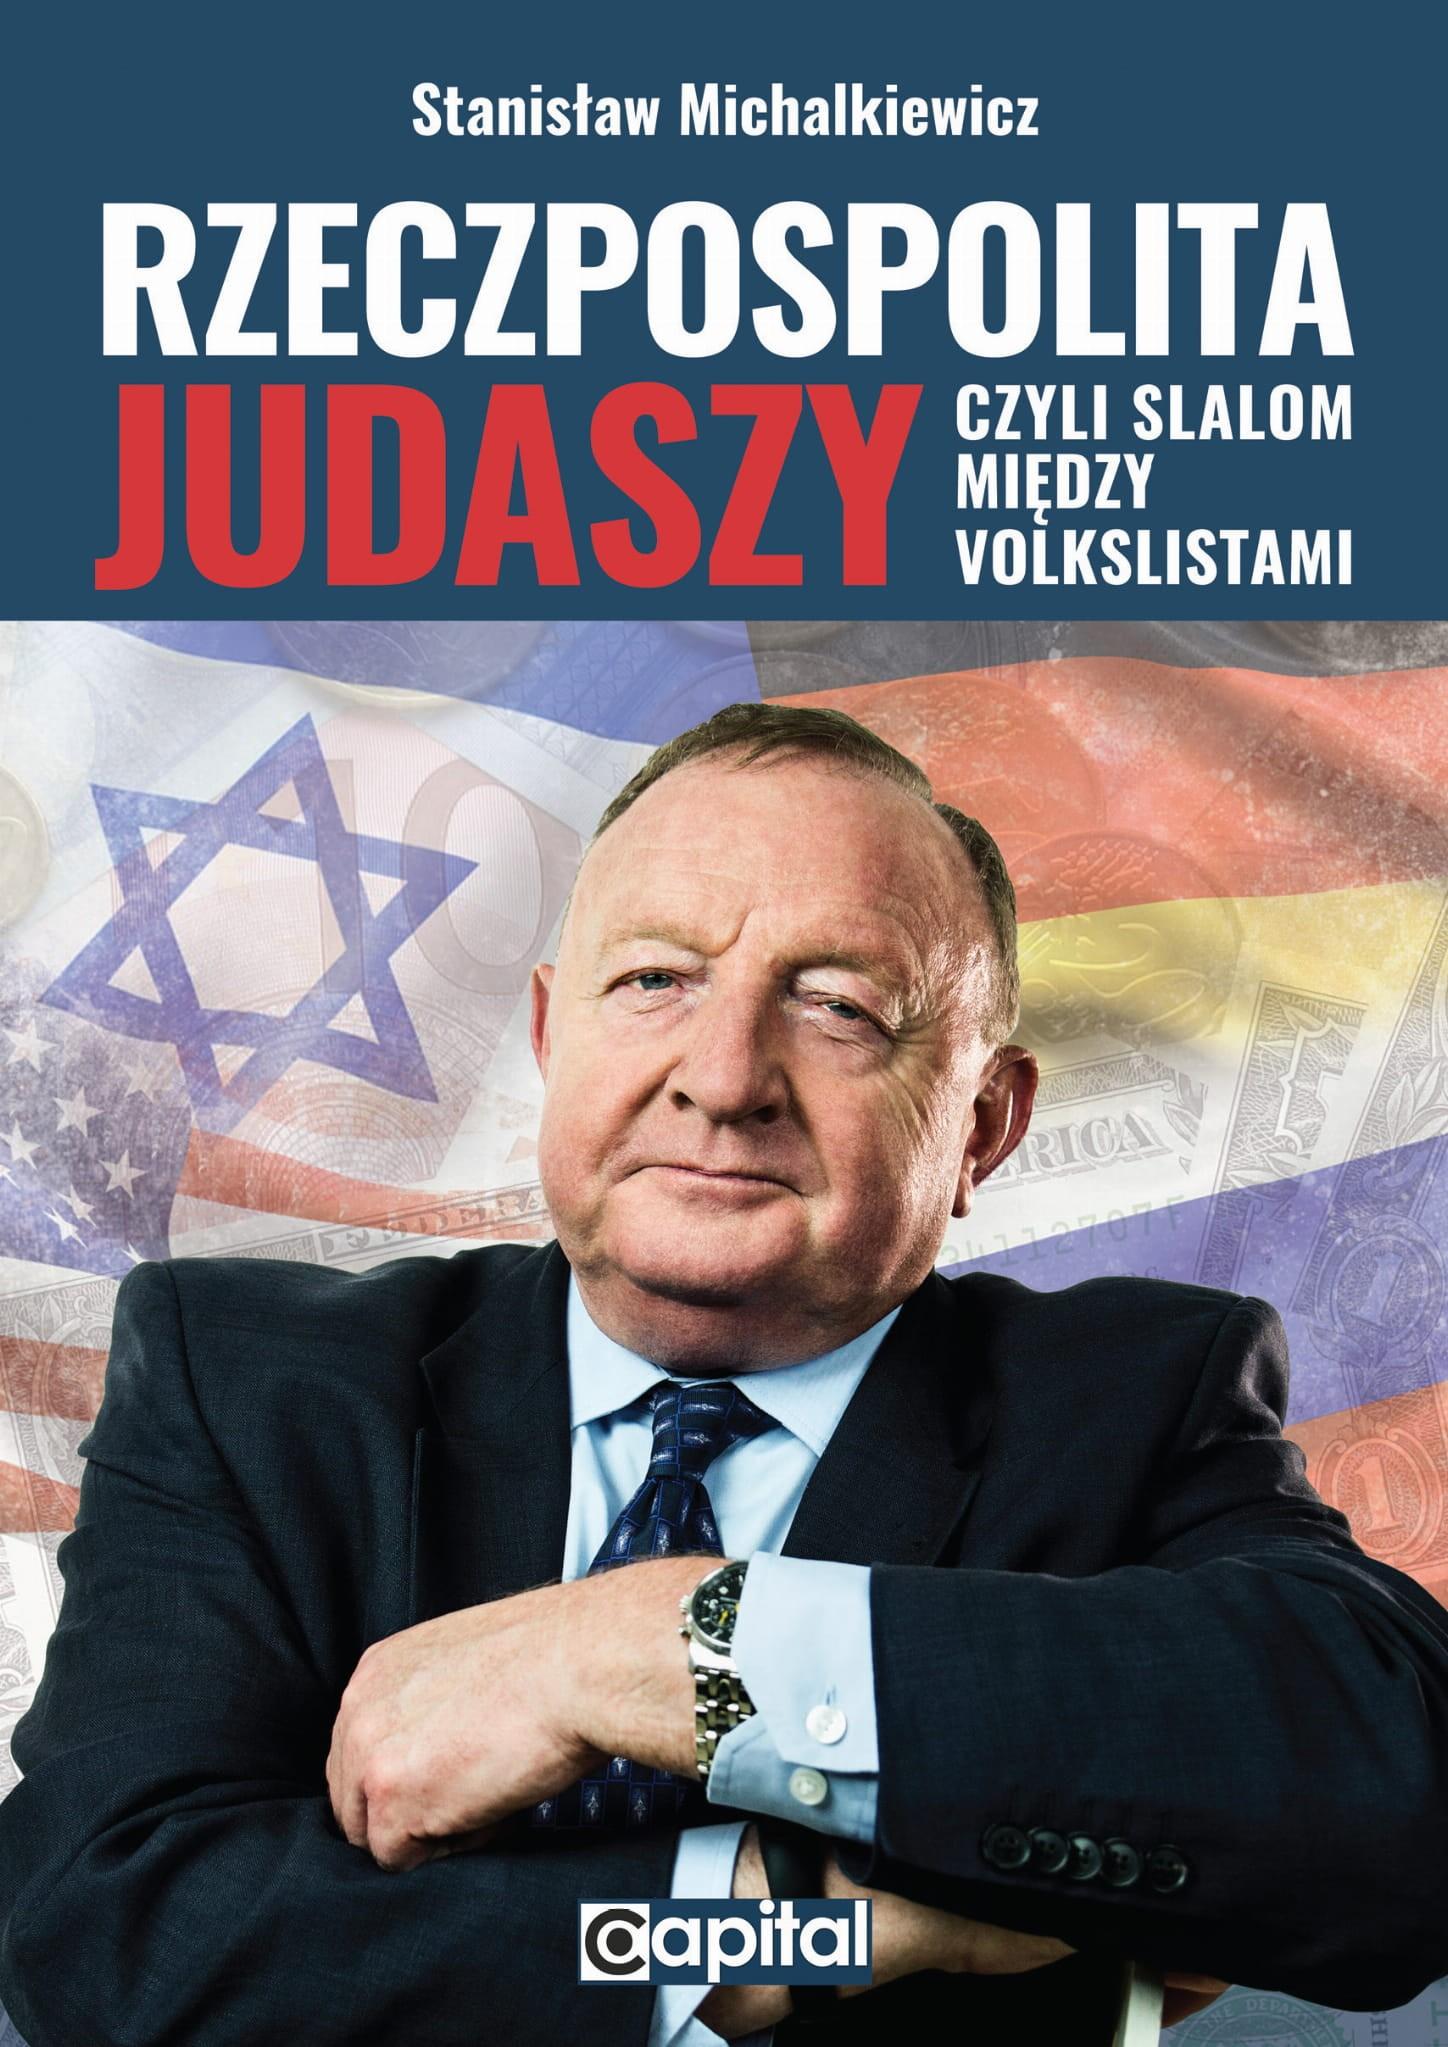 Rzeczpospolita Judaszy czyli slalom miedzy volkslistami (St.Michalkiewicz)